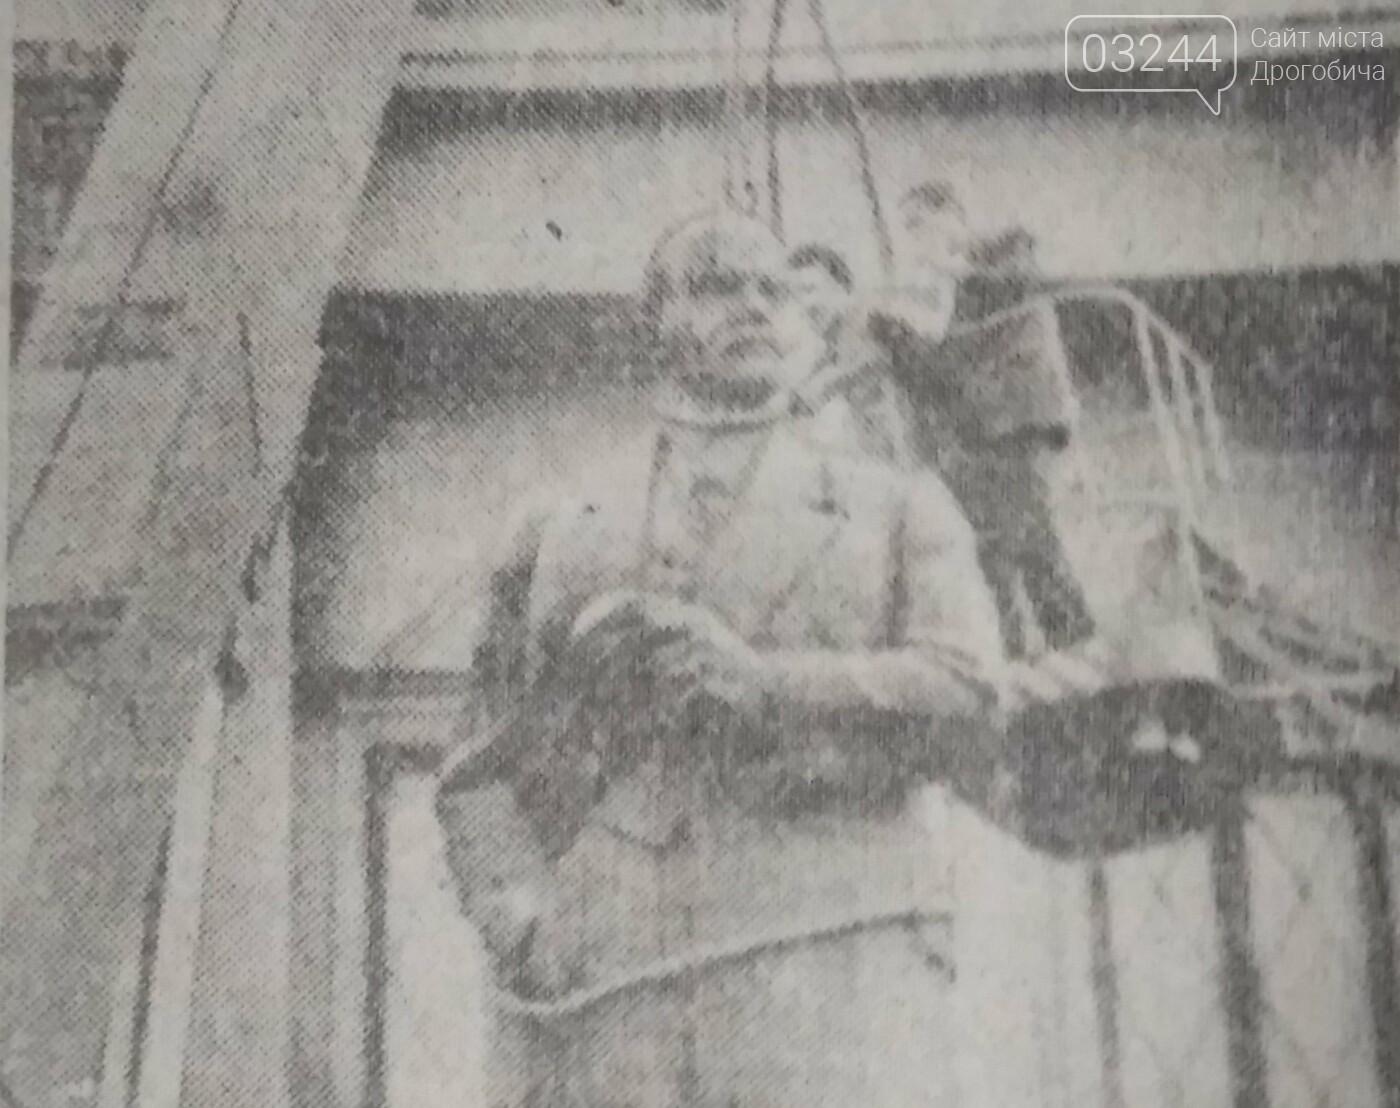 Дрогобич - 7 падіння Леніна в Україні, фото-2